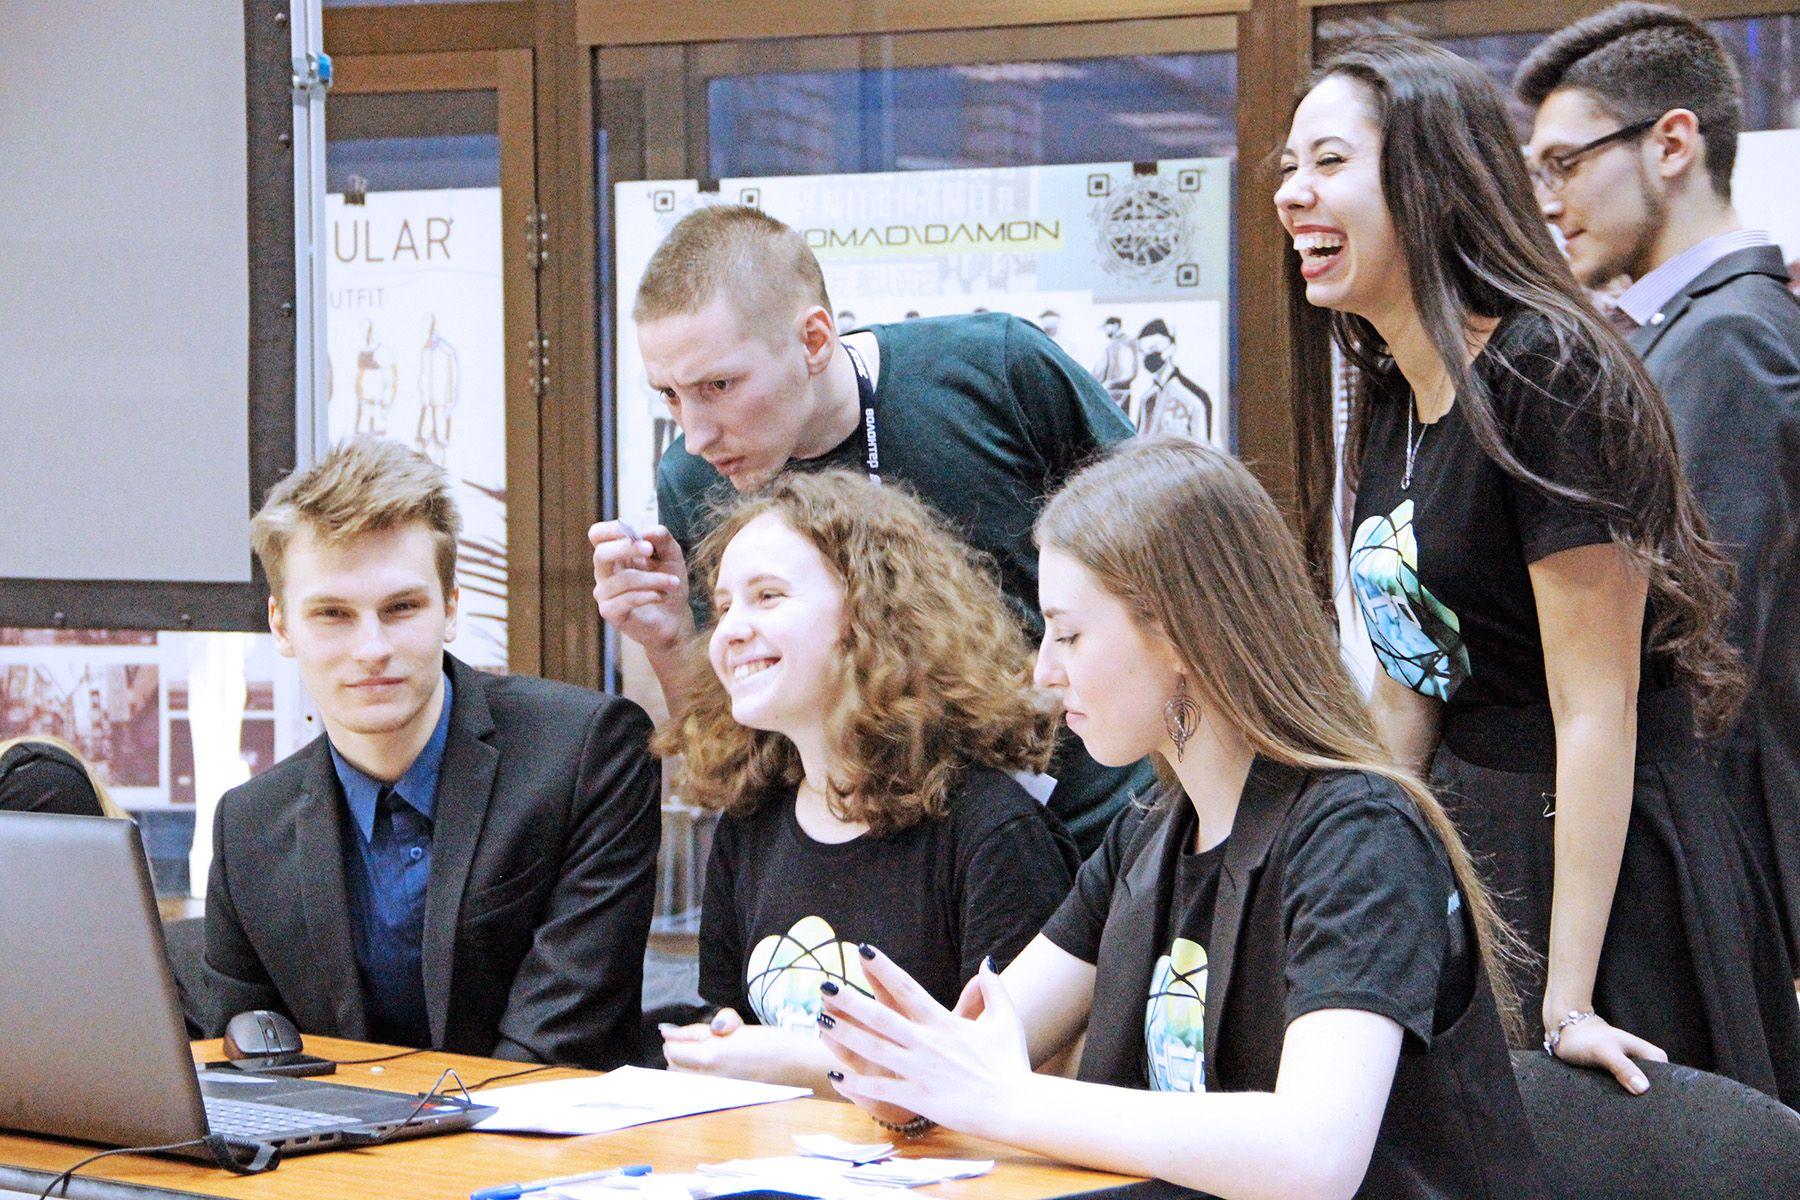 День студенчества во ВГУЭС: кубок ректора по игре «Что? Где? Когда?» и соревнования по гребле